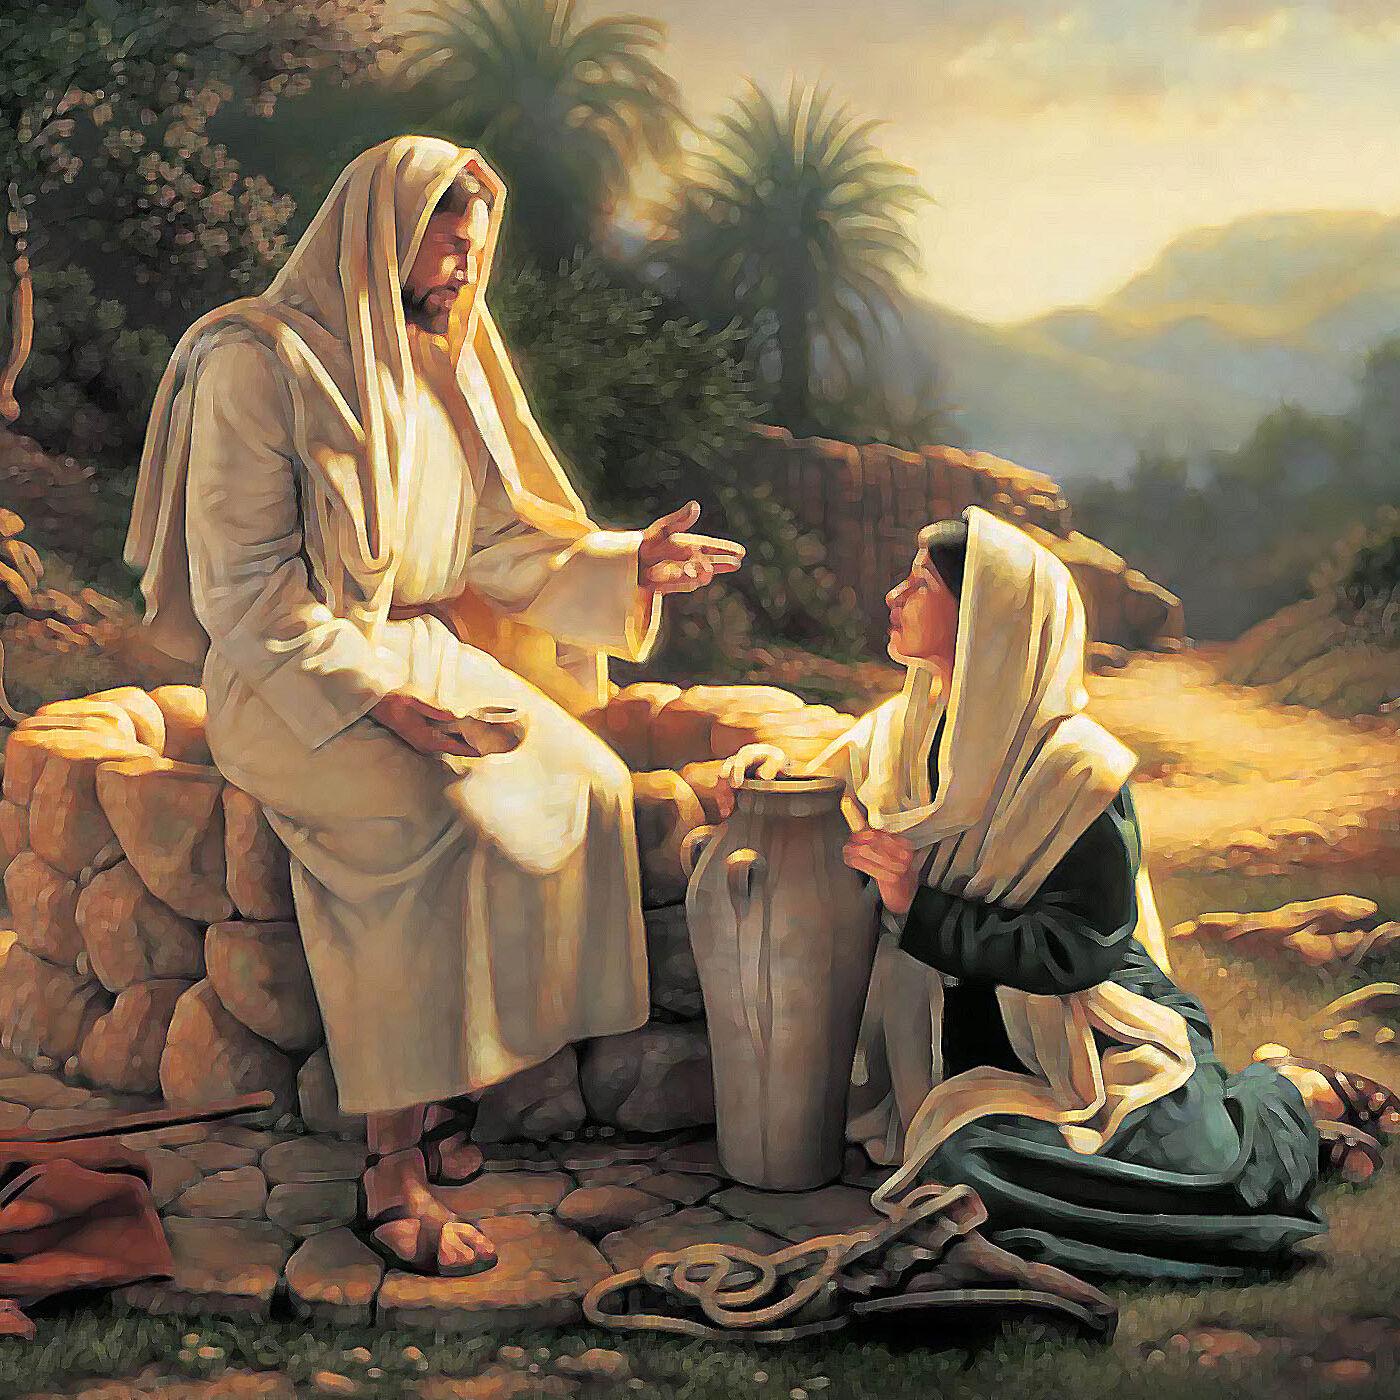 riflessioni sul Vangelo di Giovedì 19 Novembre 2020 (Lc 19, 41-44) - Apostola Alexa